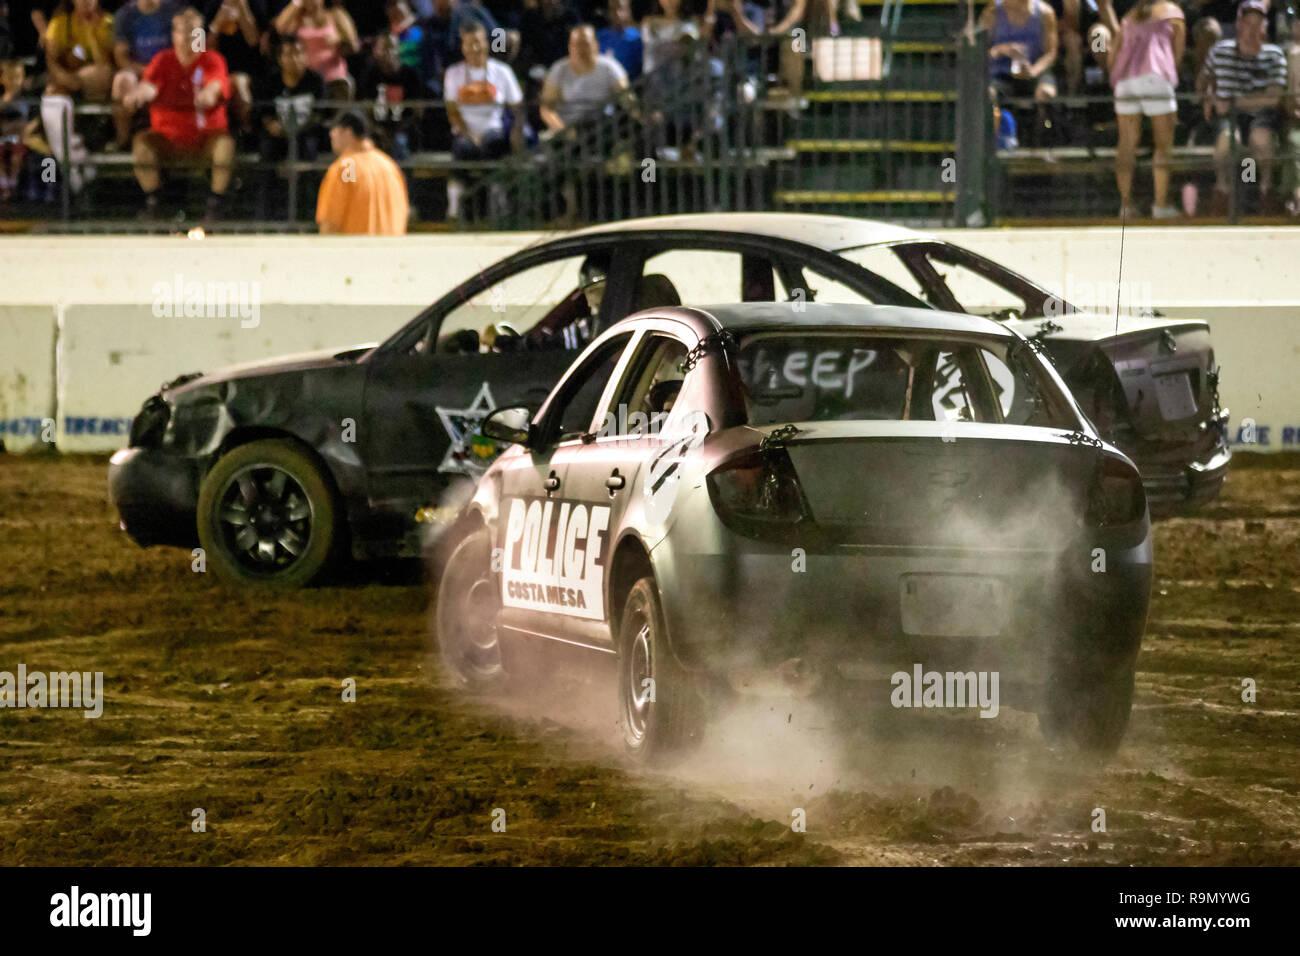 Tête de voitures pour un blocage dans un temps de nuit pour derby de démonstration pilotes à un agent de police Costa Mesa, CA, du stade. Photo Stock